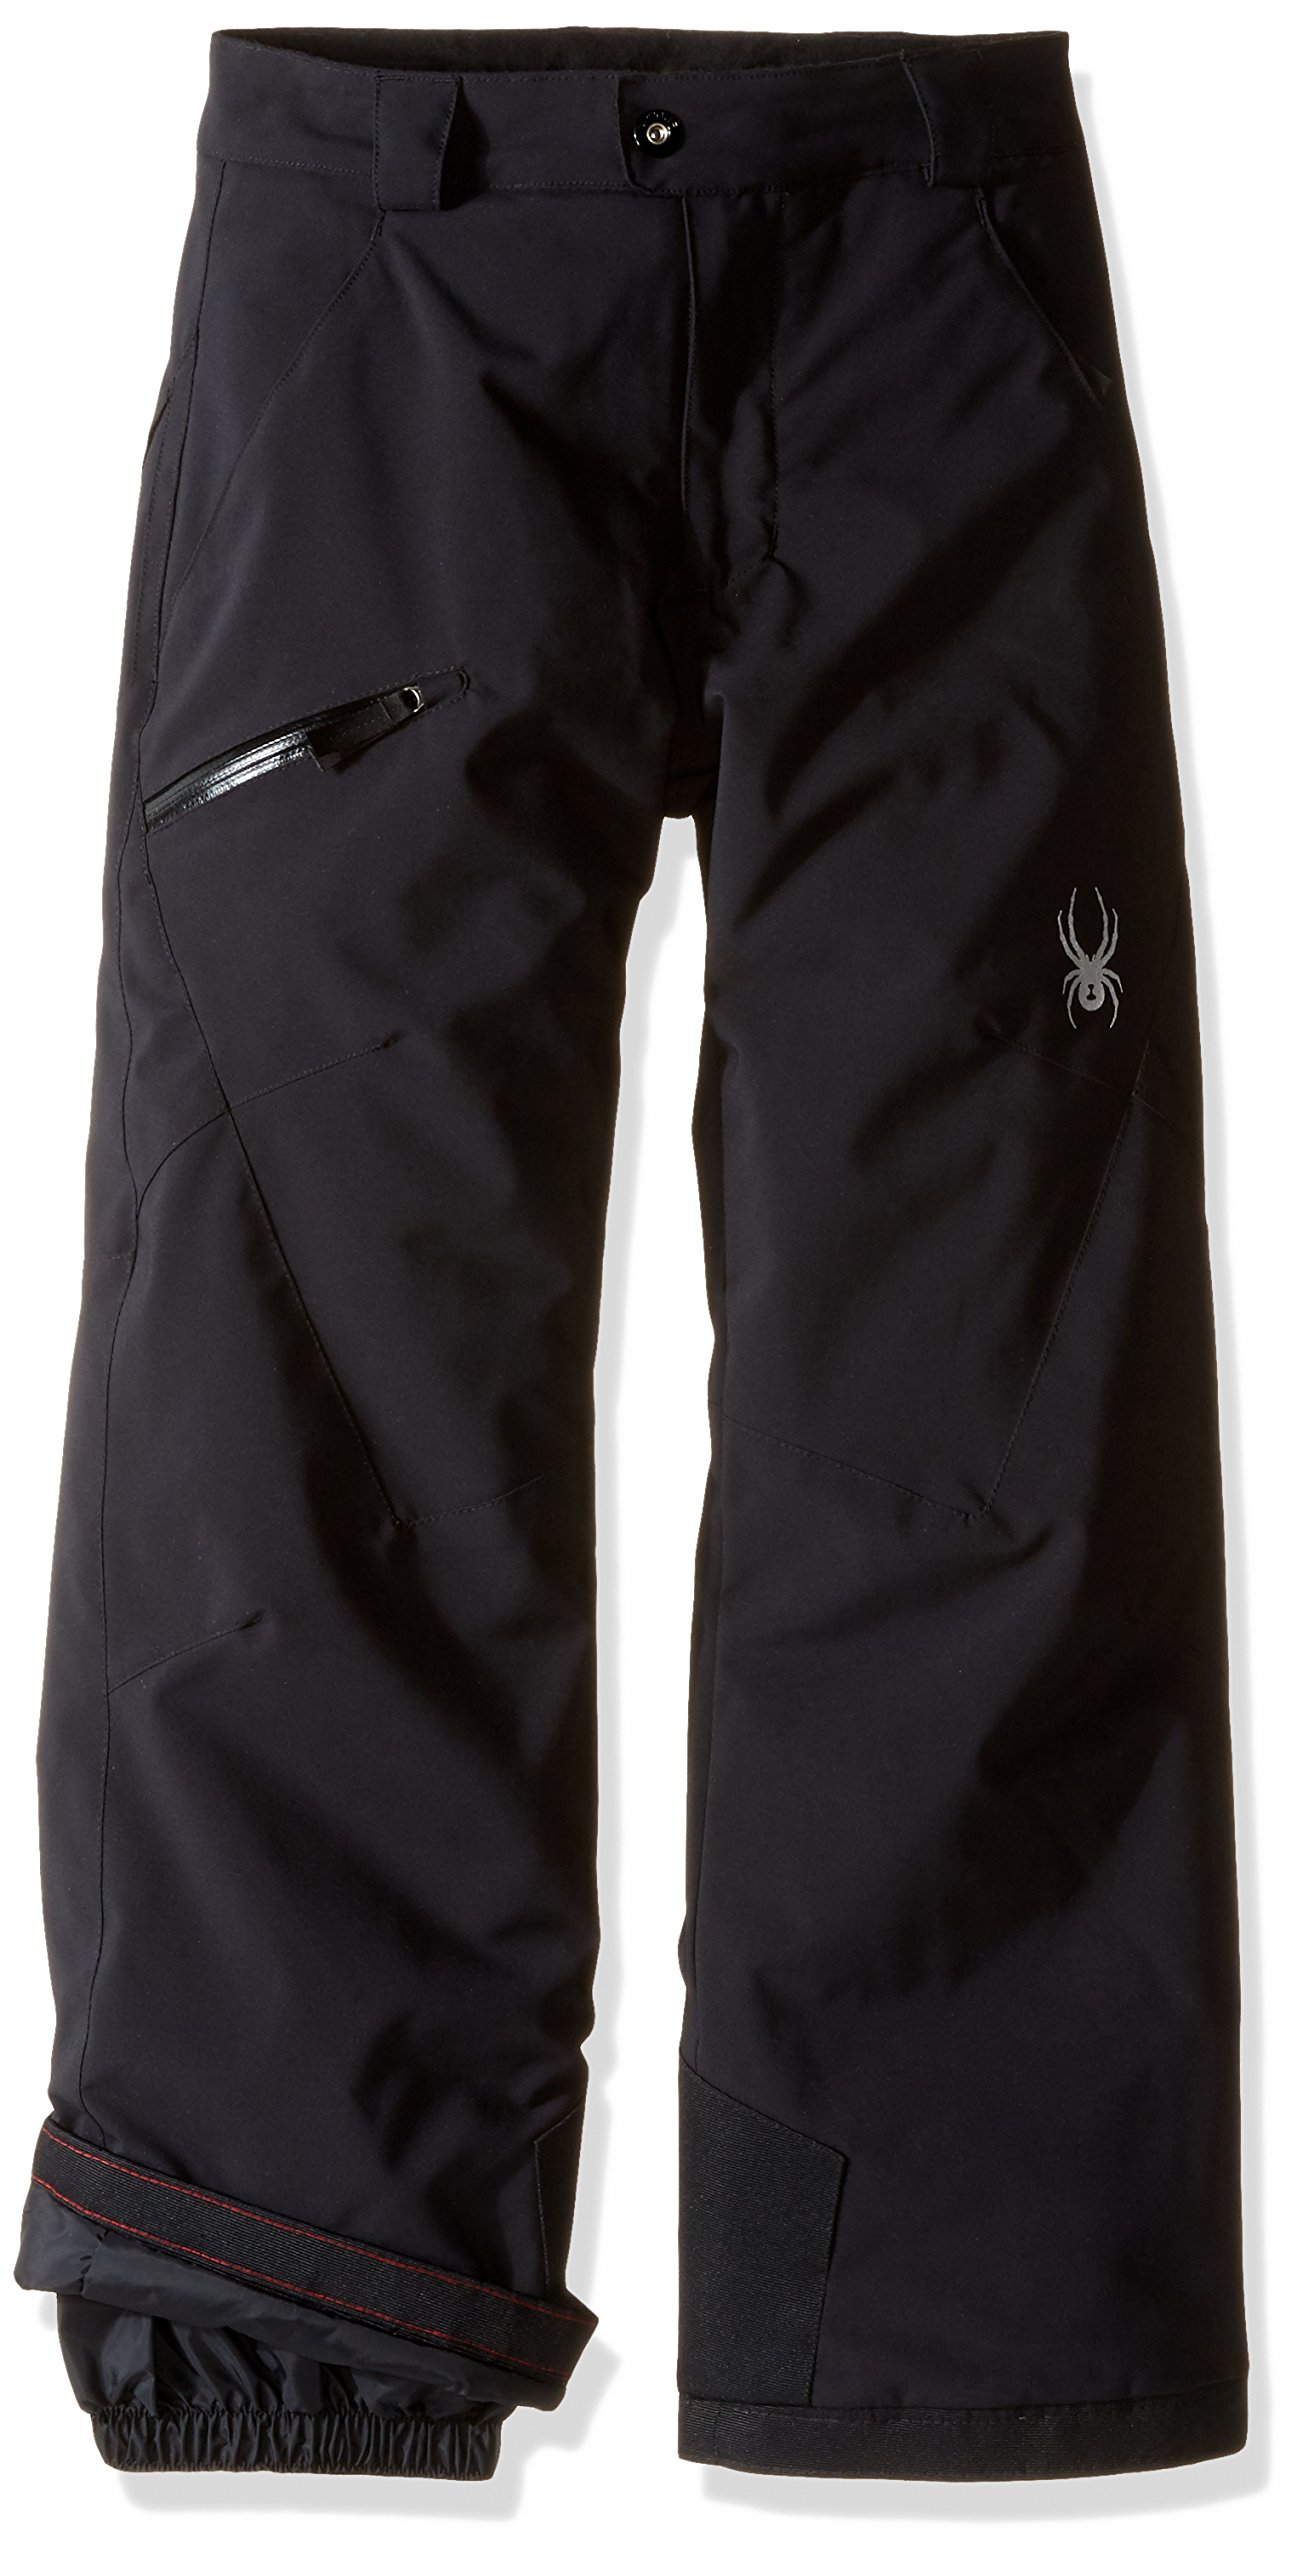 Spyder Boys Propulsion Pants, Size 8, Black by Spyder (Image #3)